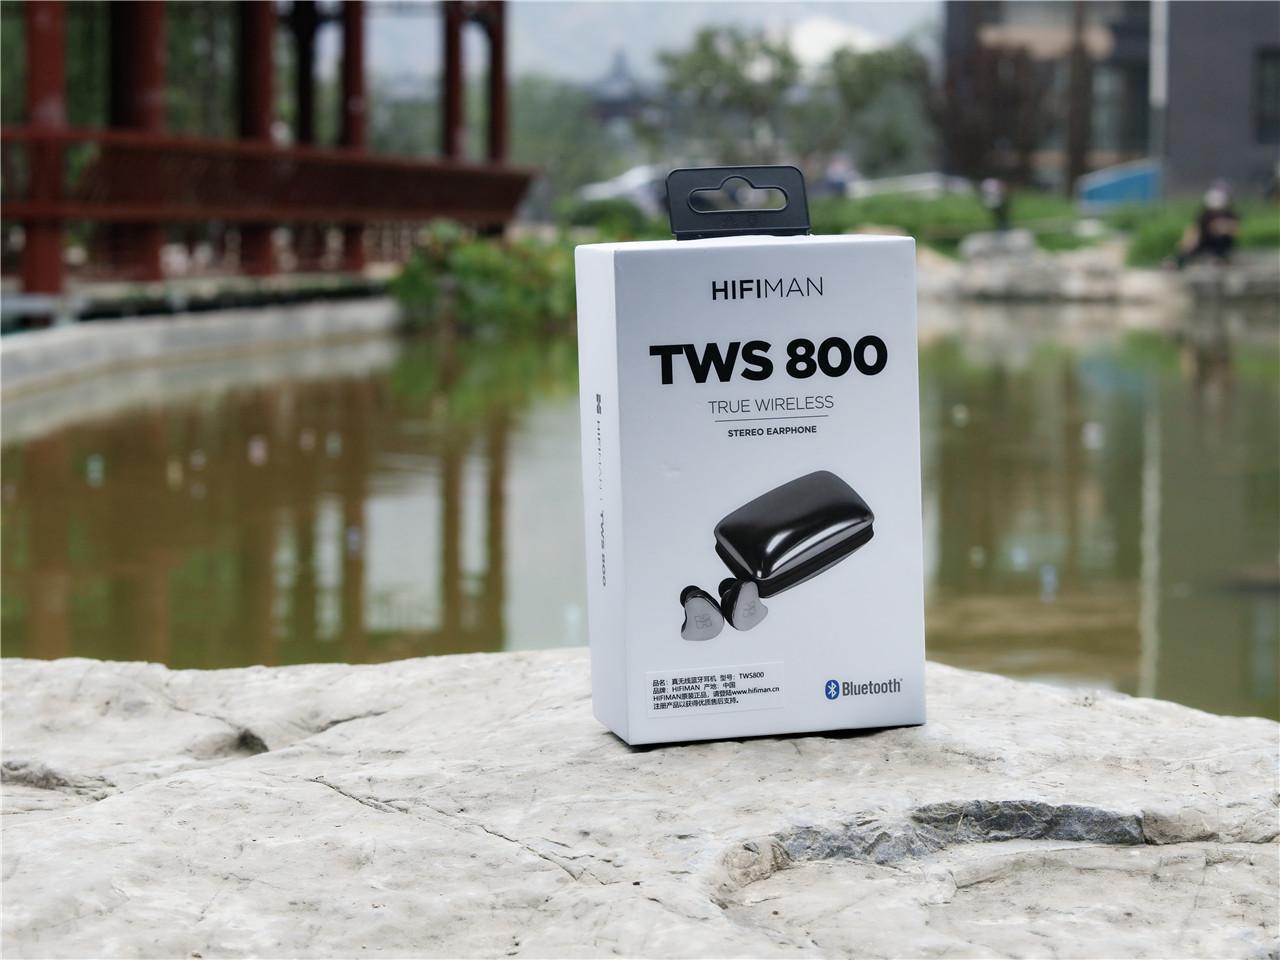 独立耳放黑科技Level up 听一听音质炸裂的tws800